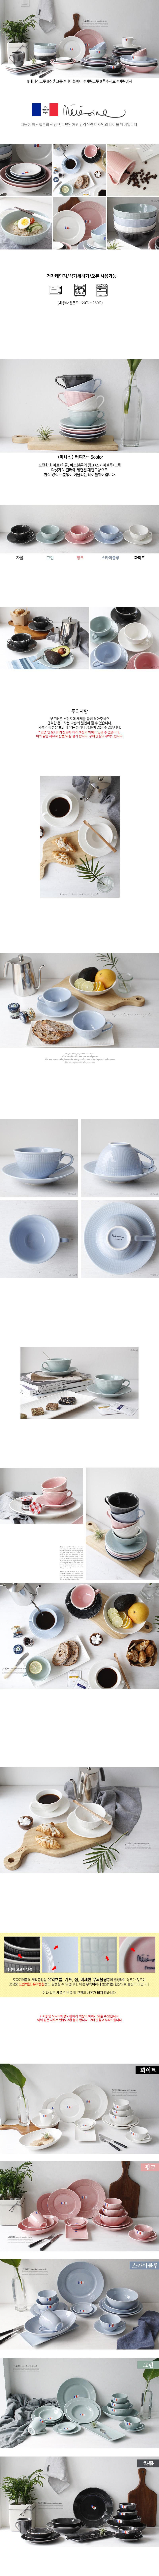 (메레신) 커피잔 - 5color - 체리하우스, 13,000원, 커피잔/찻잔, 커피잔/찻잔